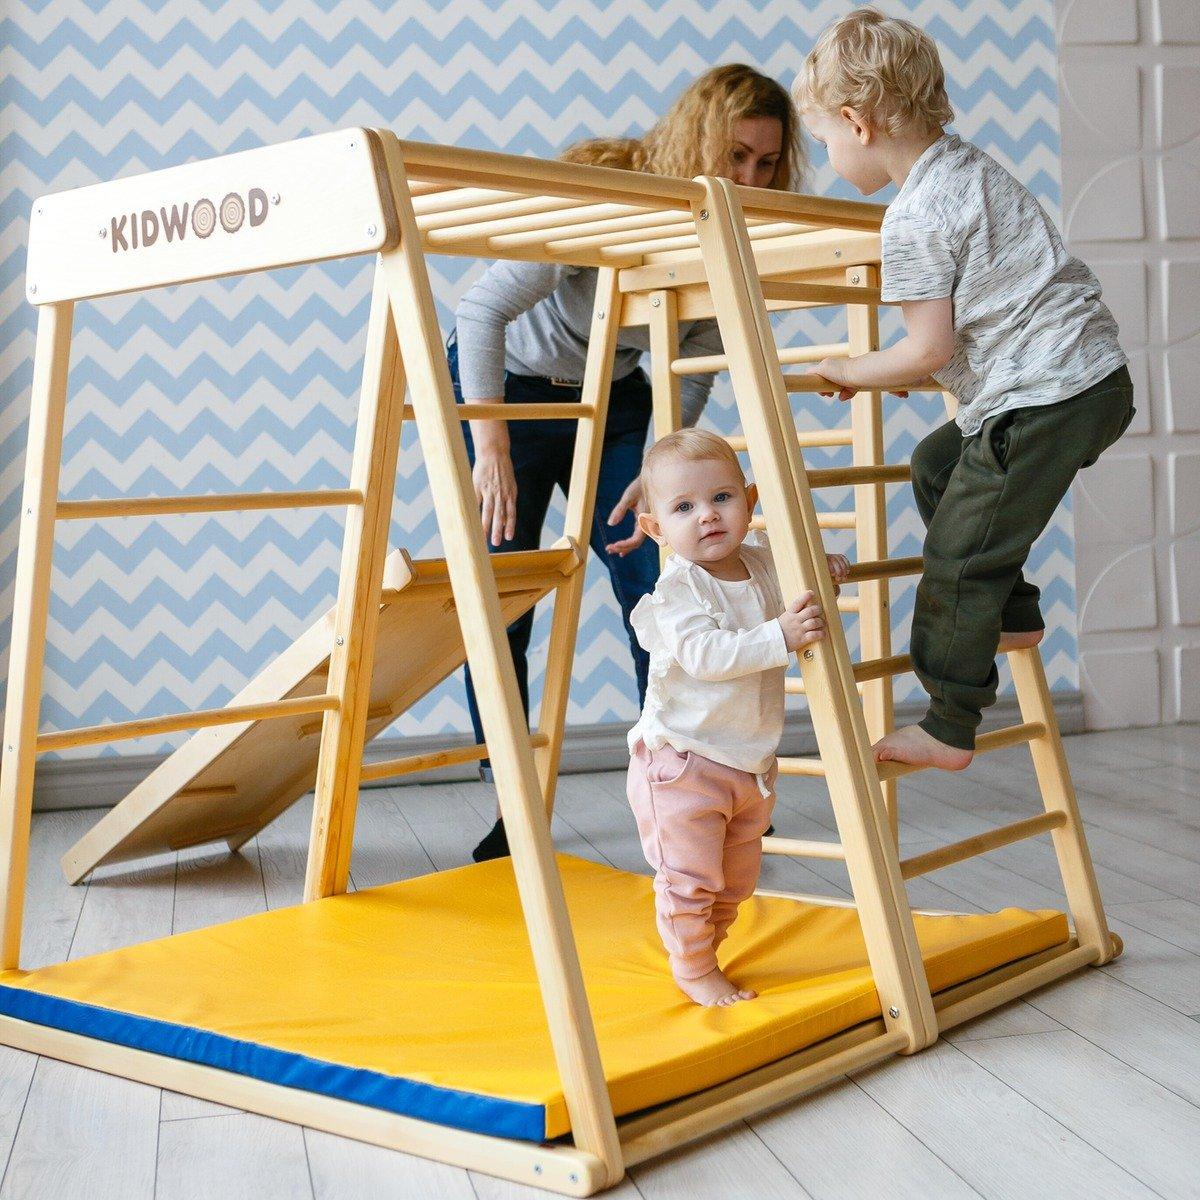 Full Size of Klettergerüst Indoor 1 Kidwood Klettergerst Rakete Basis Set Aus Holz Fr Garten Wohnzimmer Klettergerüst Indoor